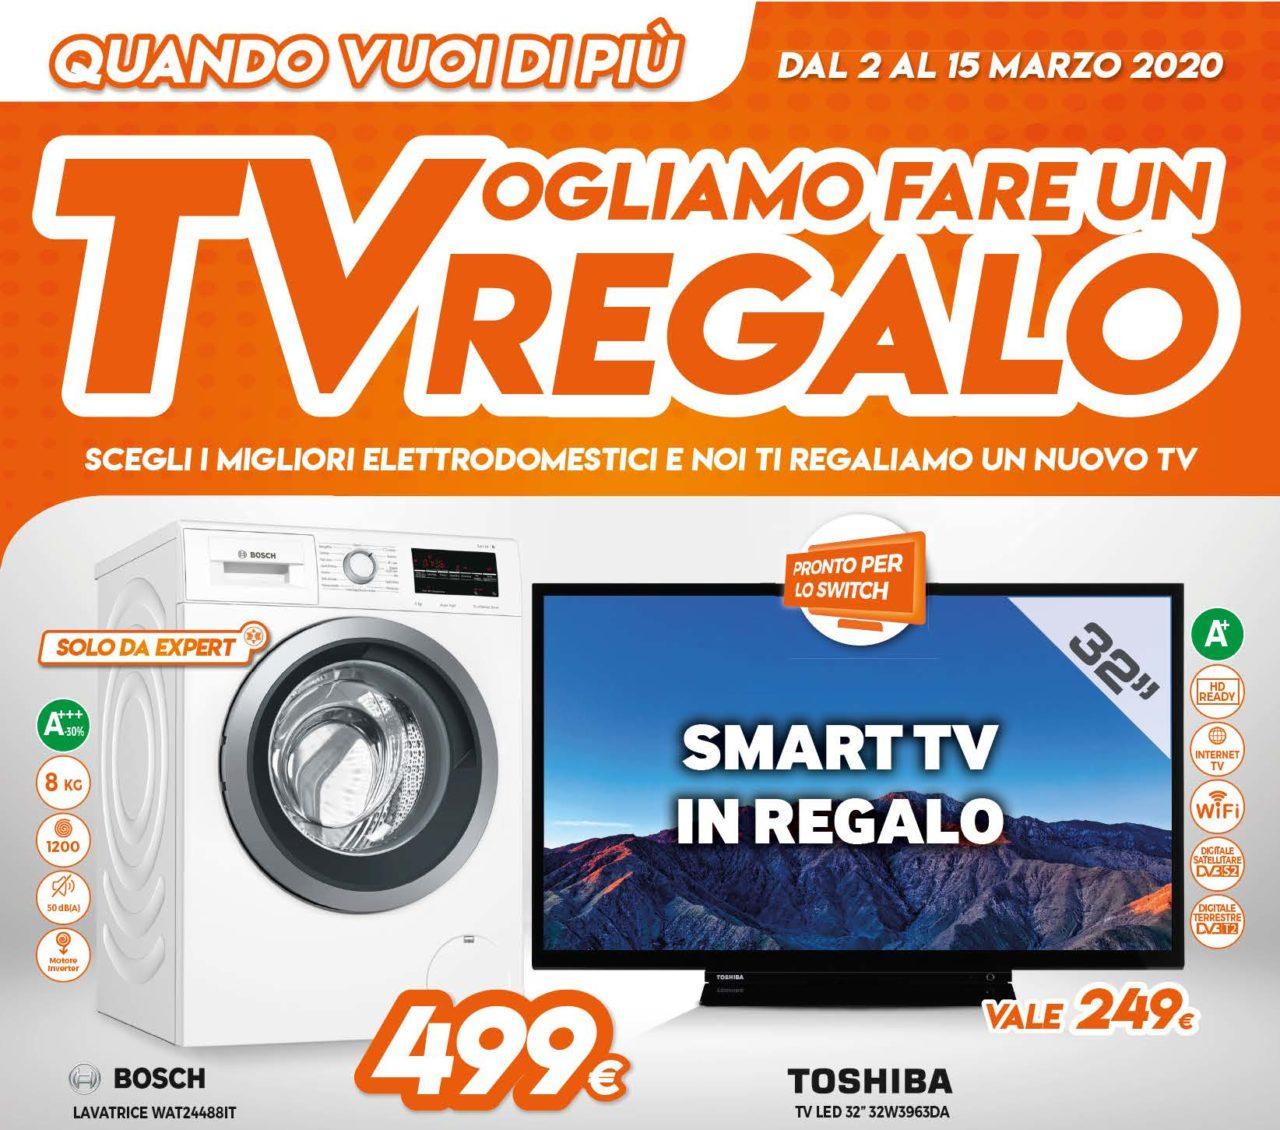 Volantino Expert Tvogliamo Fare Un Regalo 2 15 Marzo Smart Tv Gratis Per Chi Acquista Un Elettrodomestico Smartworld